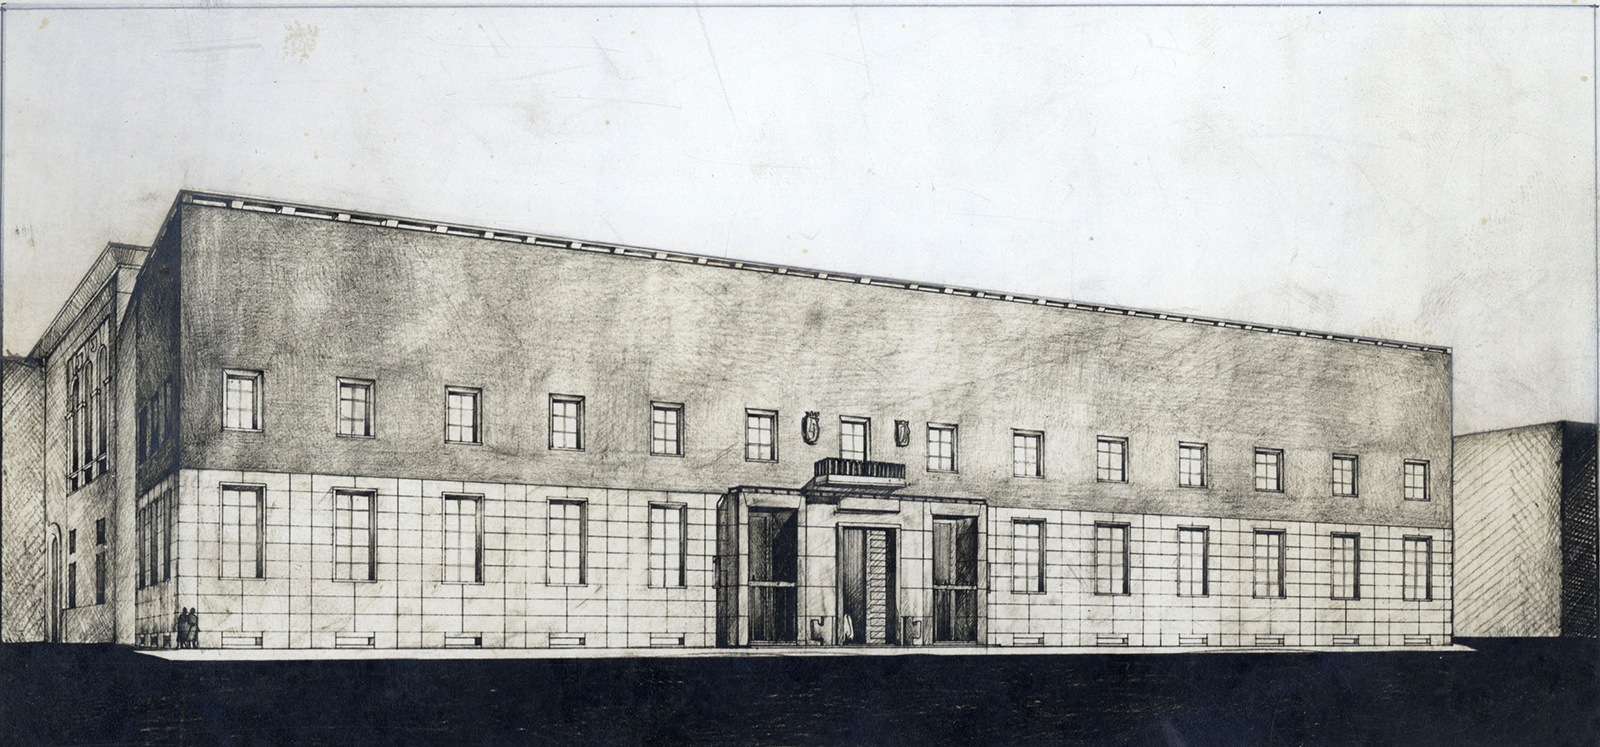 Palazzo Liviano nel progetto di Gio Ponti